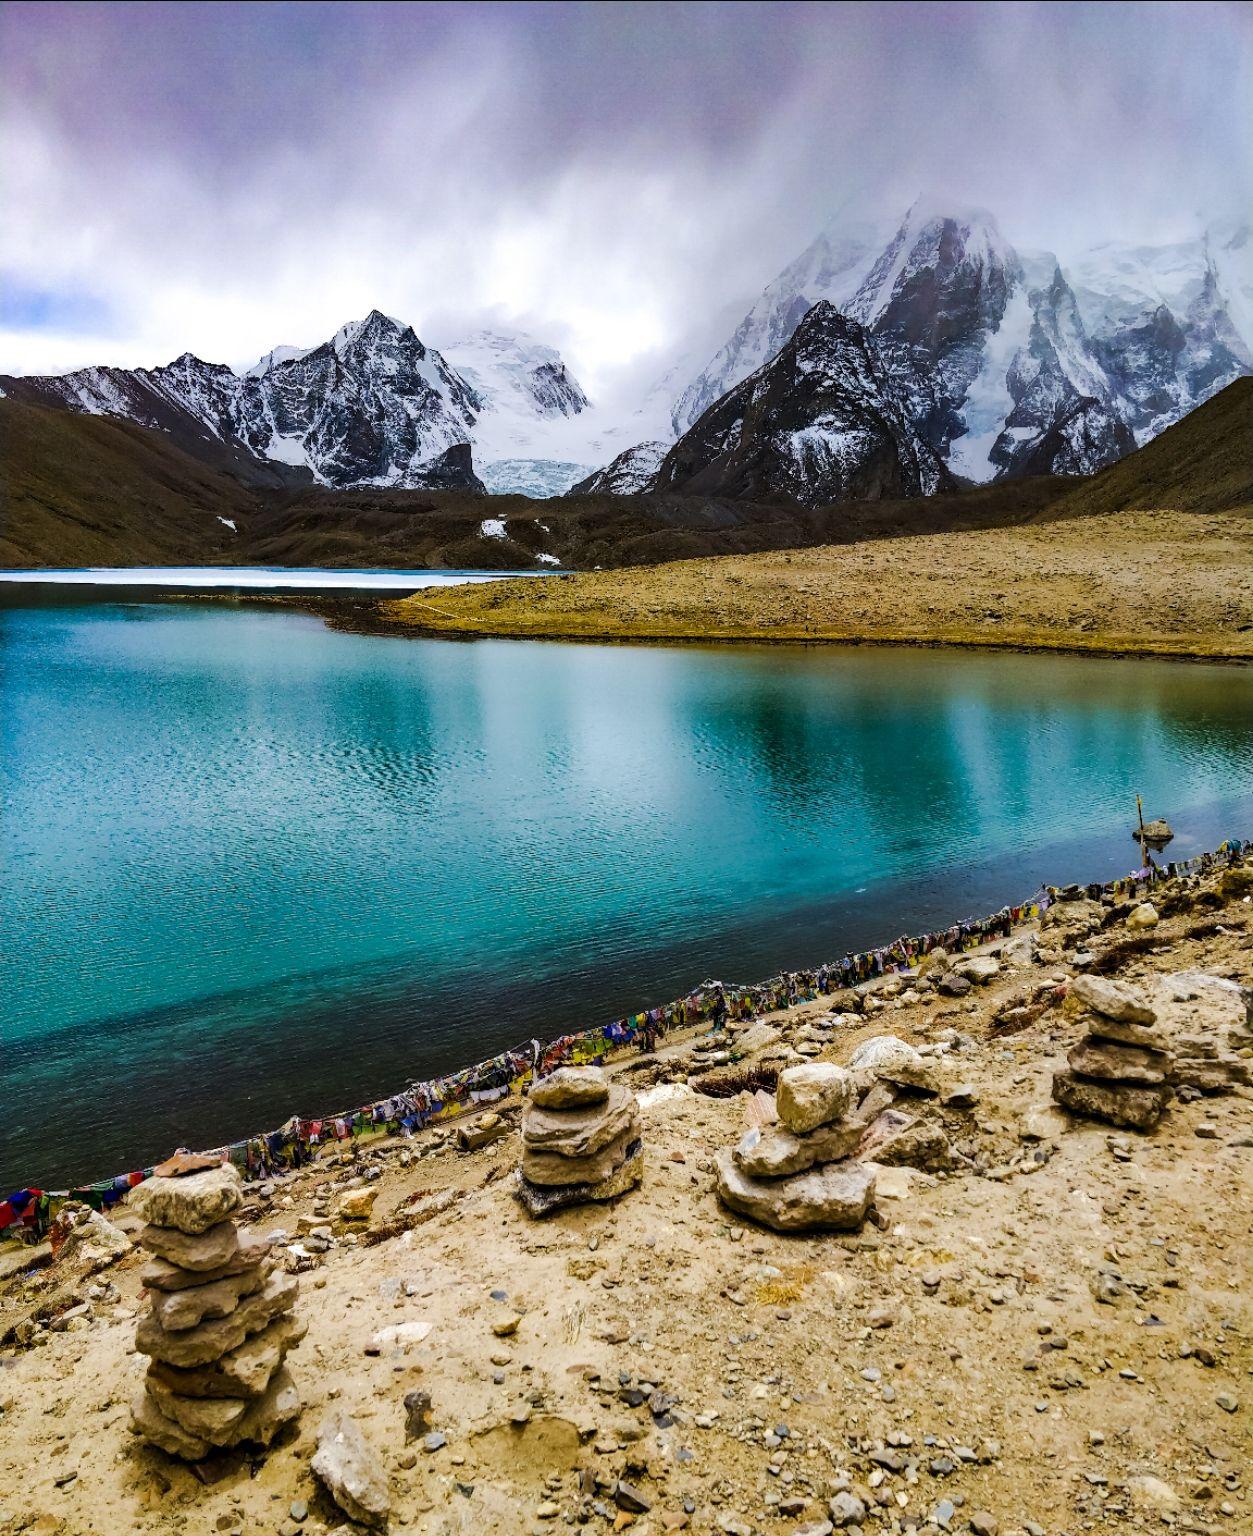 Photo of Gurudongmar Lake By Aniket Gupta